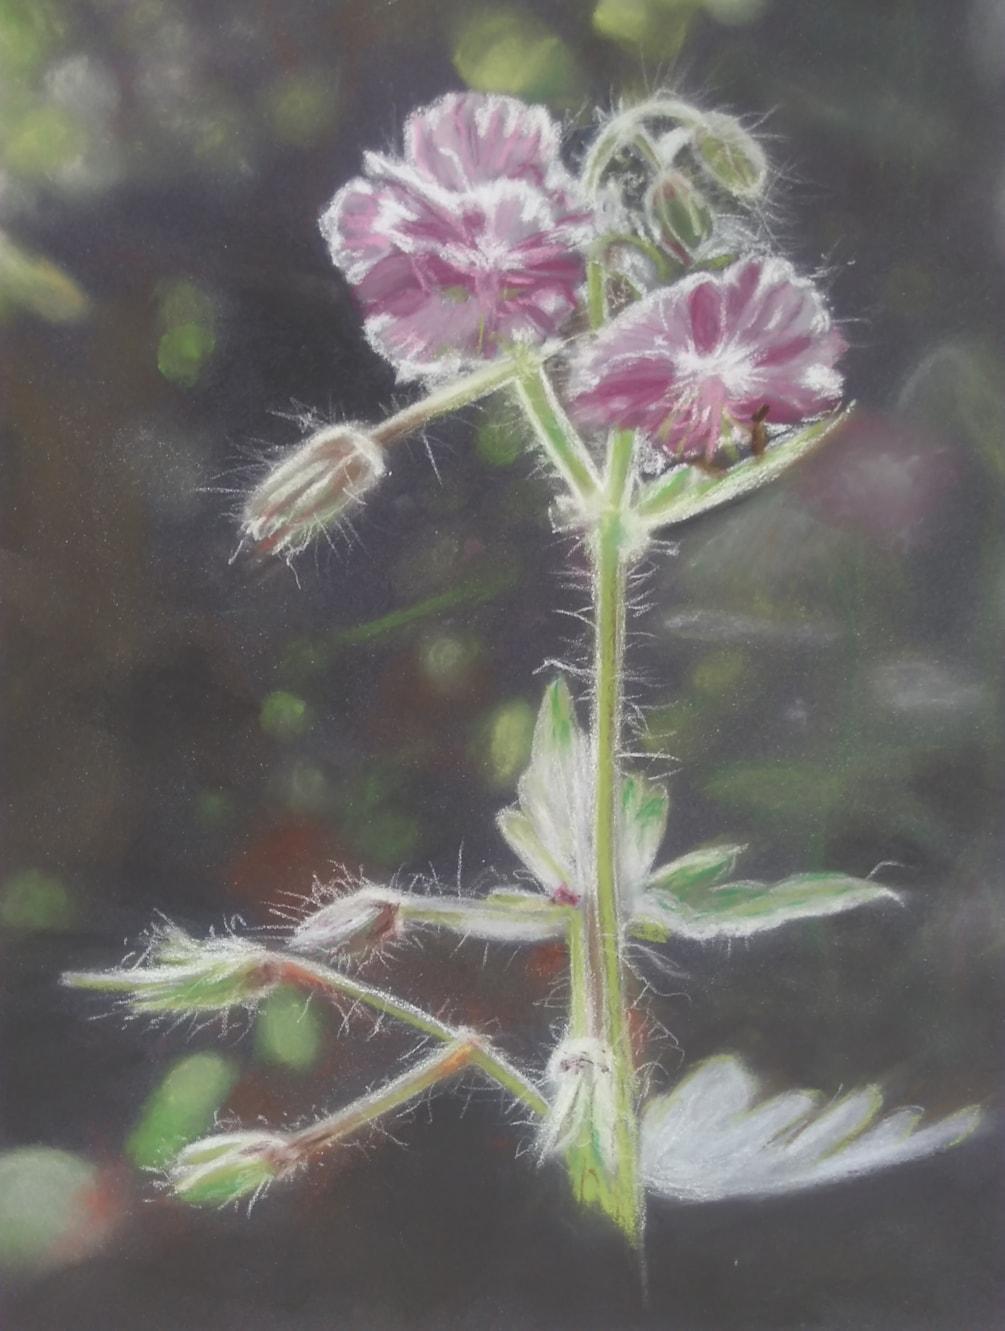 Dusky Cranesbill